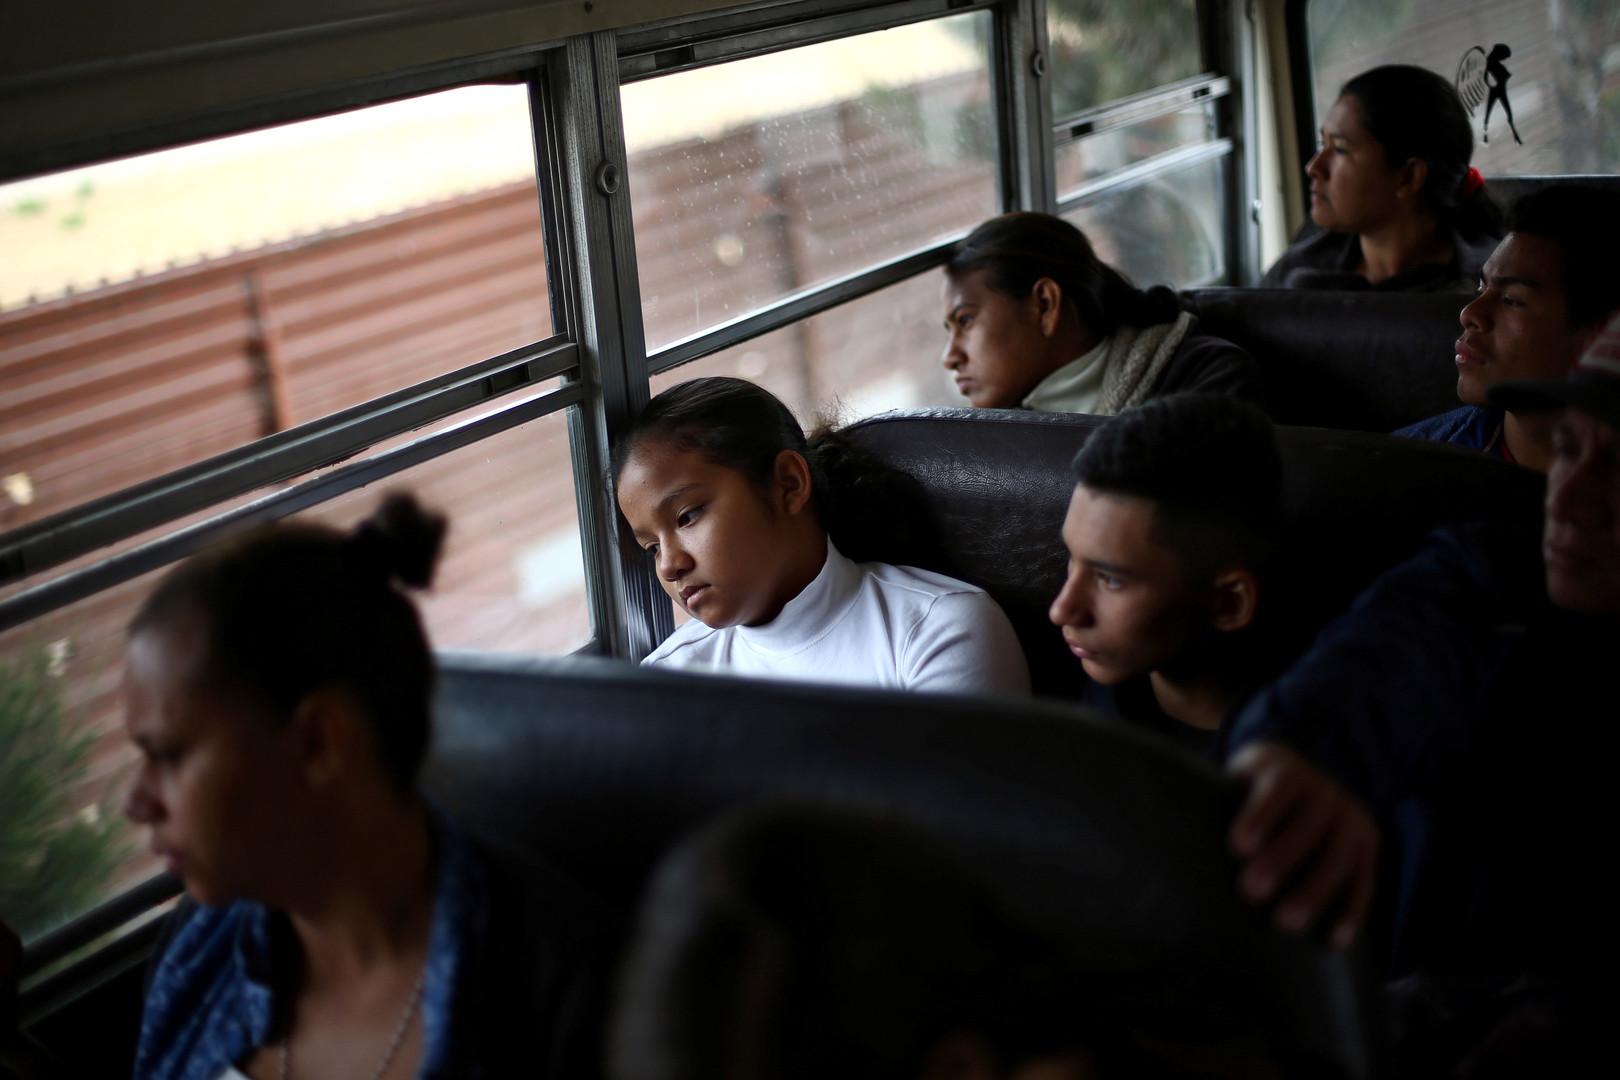 Ein Bus transportiert die Migranten aus Zentralamerika zu einer Behörde, bei der sie ihr Asylgesuch stellen könne, Tijuana, Mexiko, 29. April 2018.